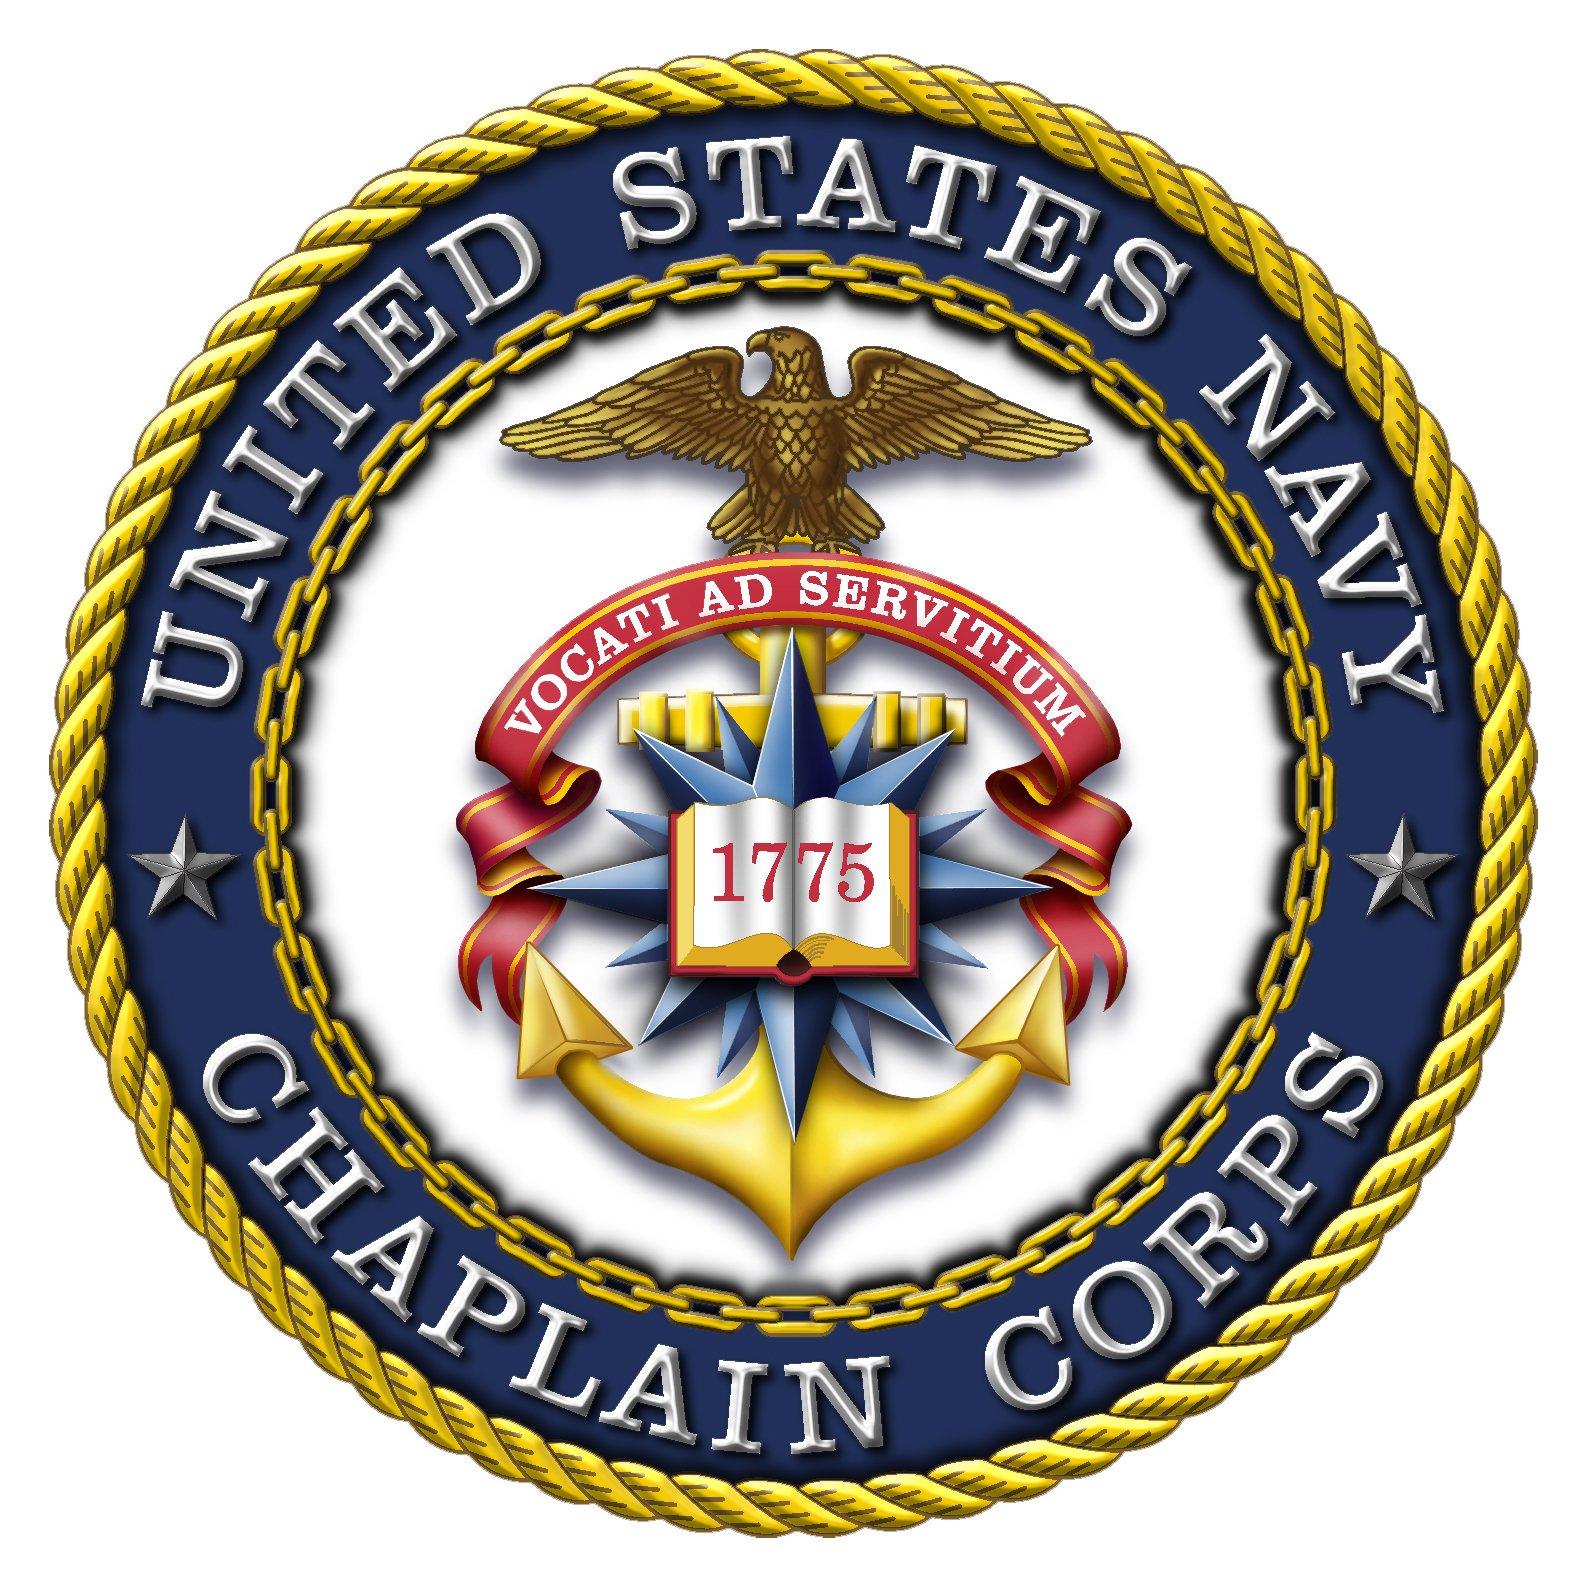 Corps Emblem Pictures - ClipArt Best